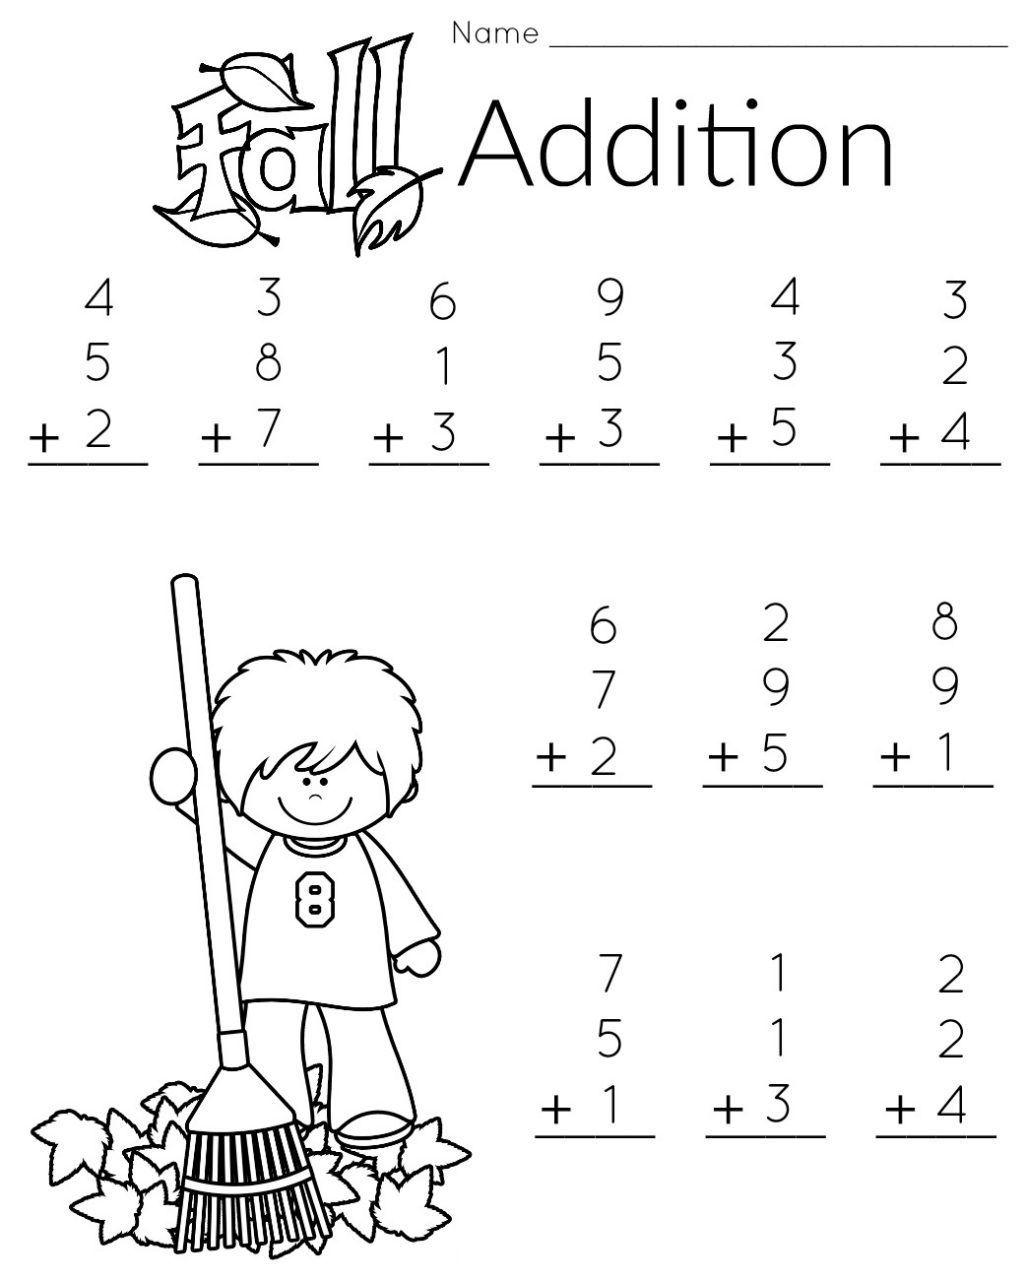 Kindergarten Worksheets School 1st Grade Worksheets 1st Grade Math Addition Worksheets First Grade Math Worksheets Kids Math Worksheets